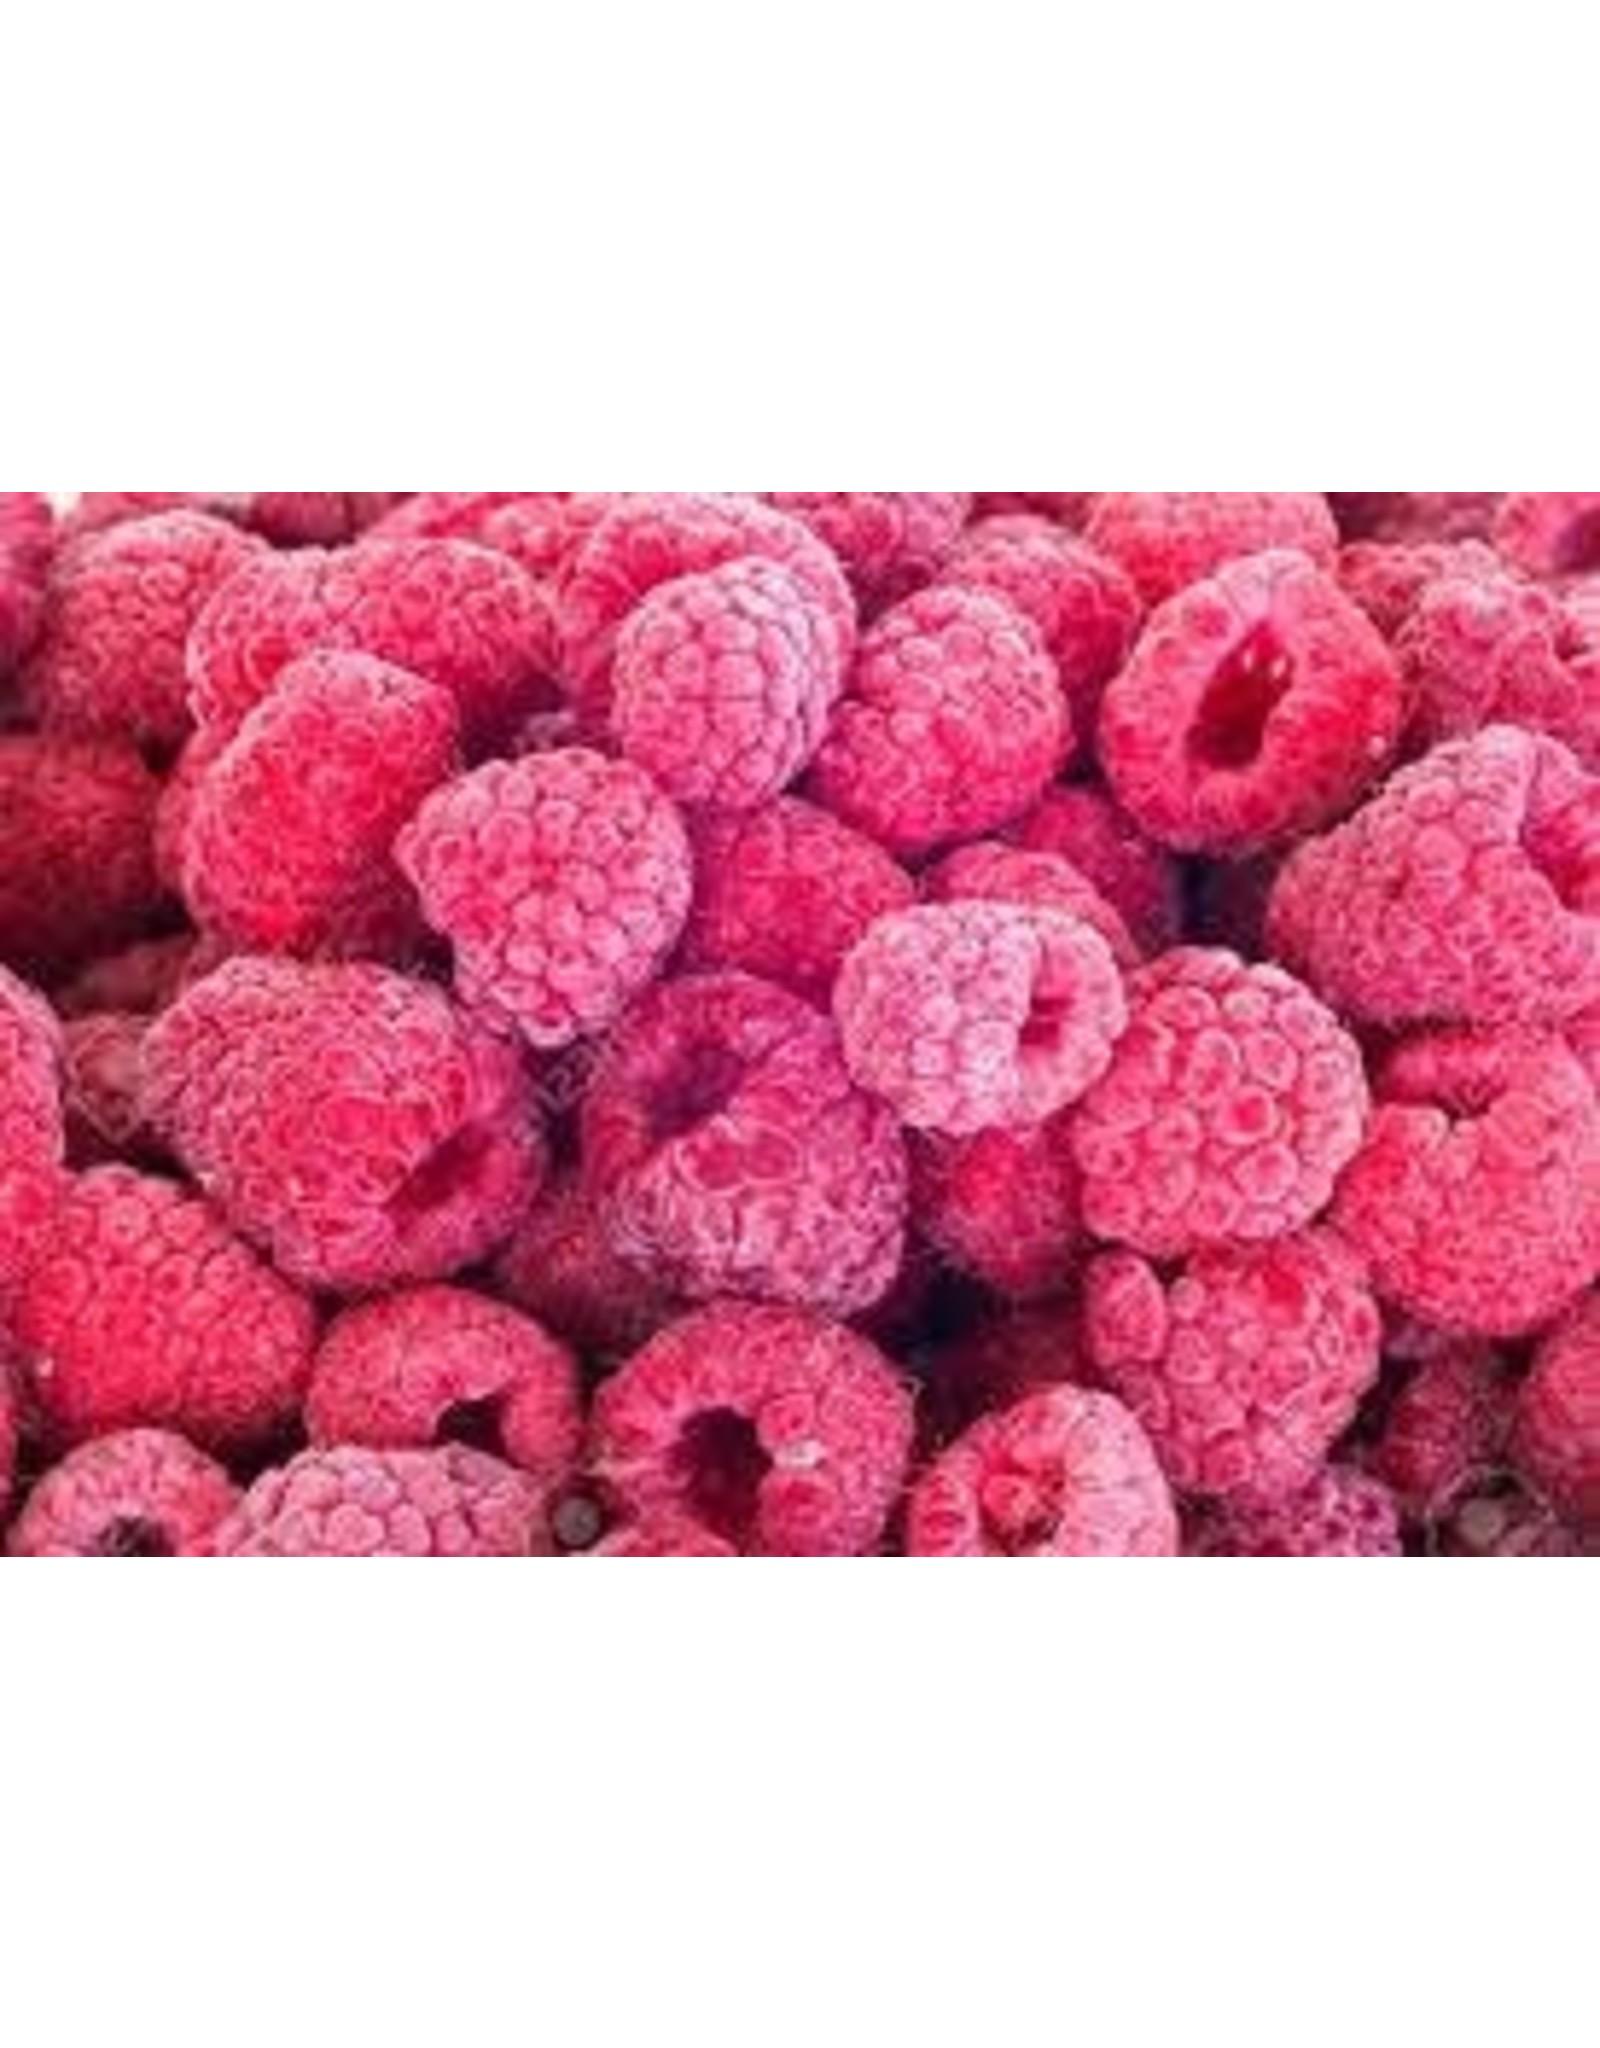 Ontario Grown Frozen Raspberries 1 kg (2.2 lbs)